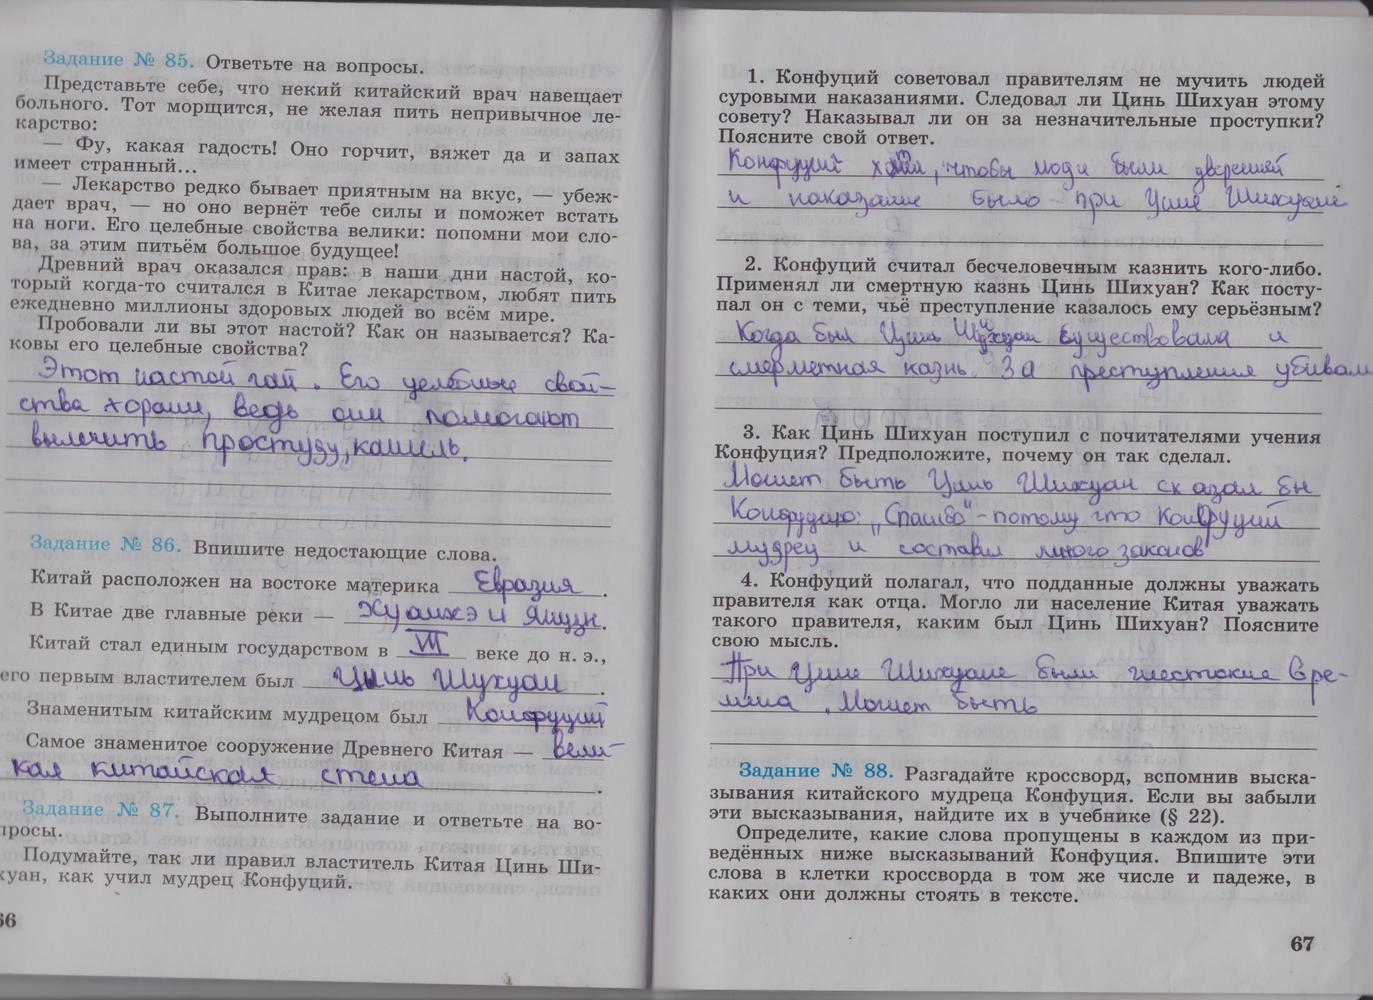 Задание 51 в тетради по истории 5 класс 1 часть